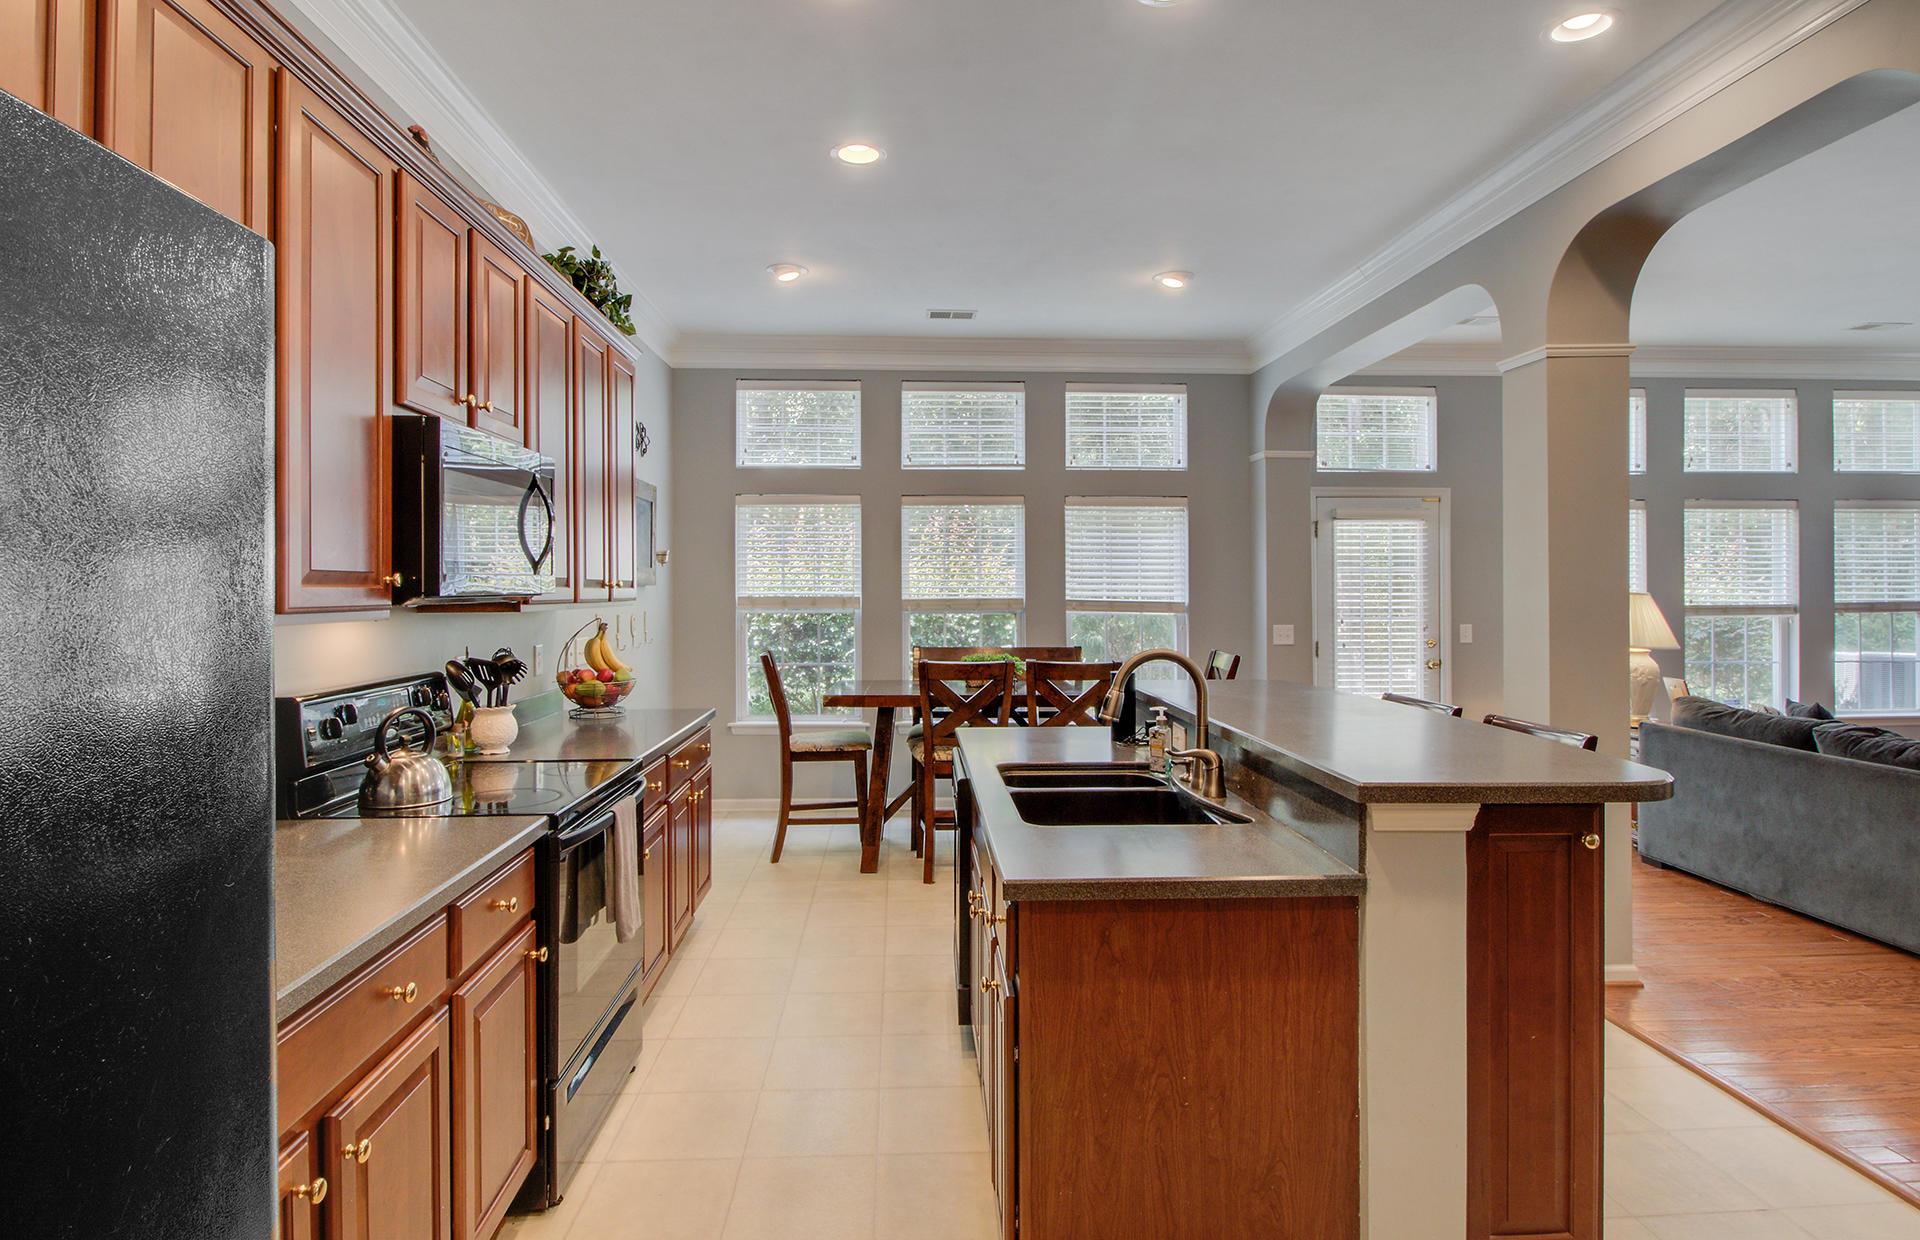 Park West Homes For Sale - 2500 Draymohr, Mount Pleasant, SC - 39